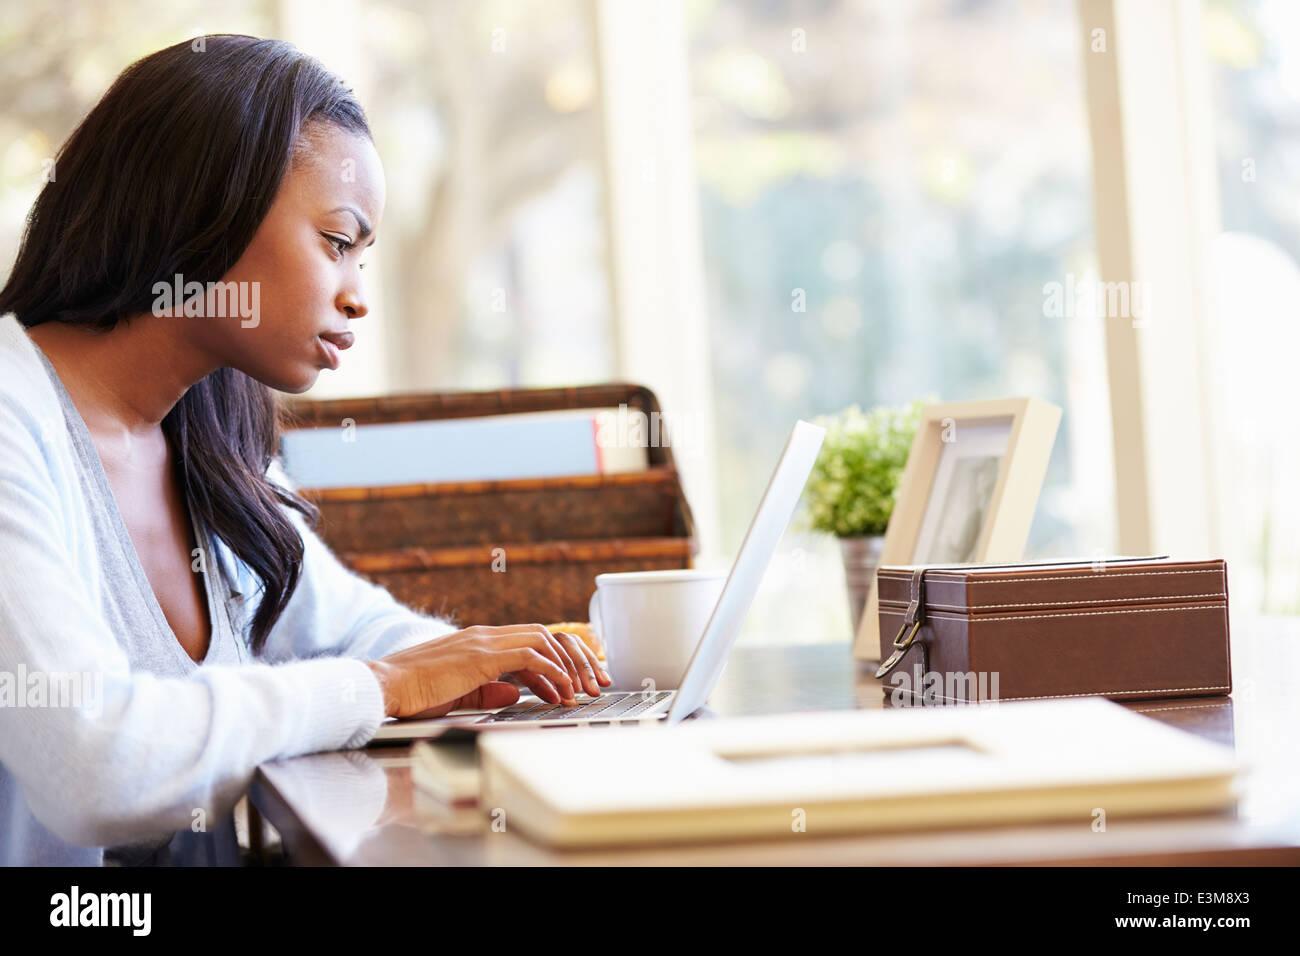 Frau mit Laptop am Schreibtisch zu Hause Stockbild